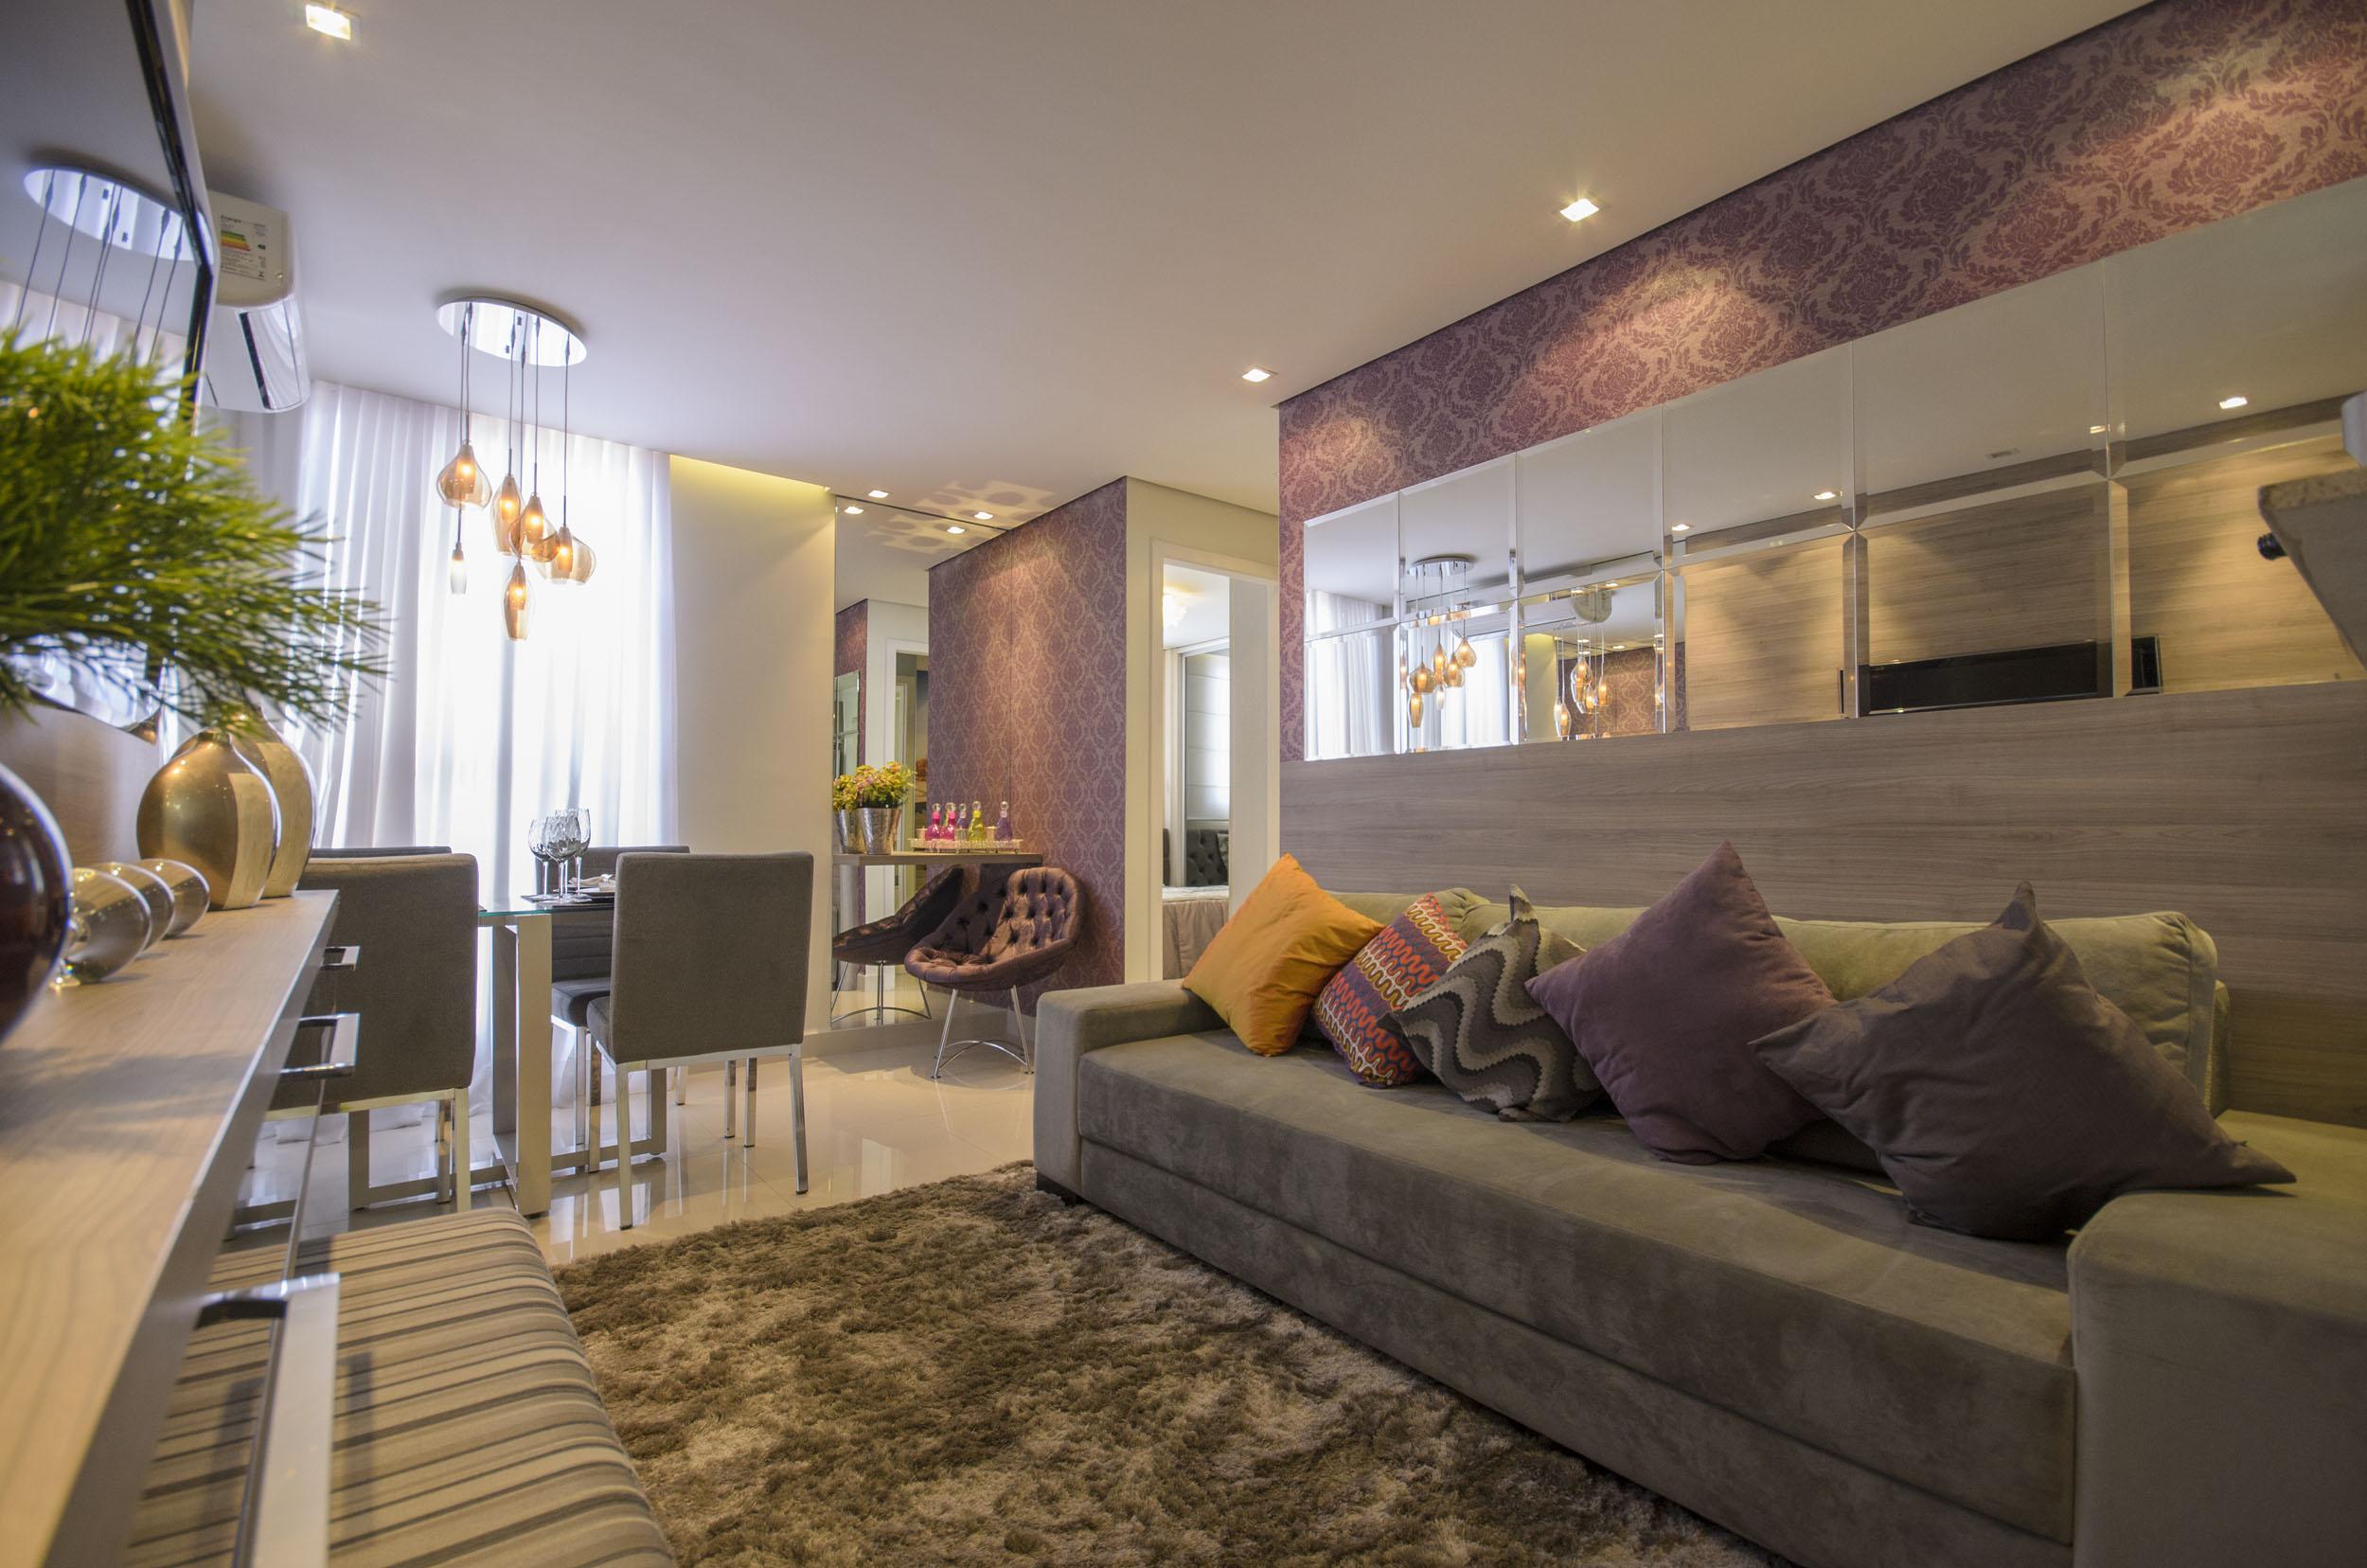 Cozinha Decorada Apartamento Pequeno Oppenau Info -> Apartamento Mrv Decorado Fotos